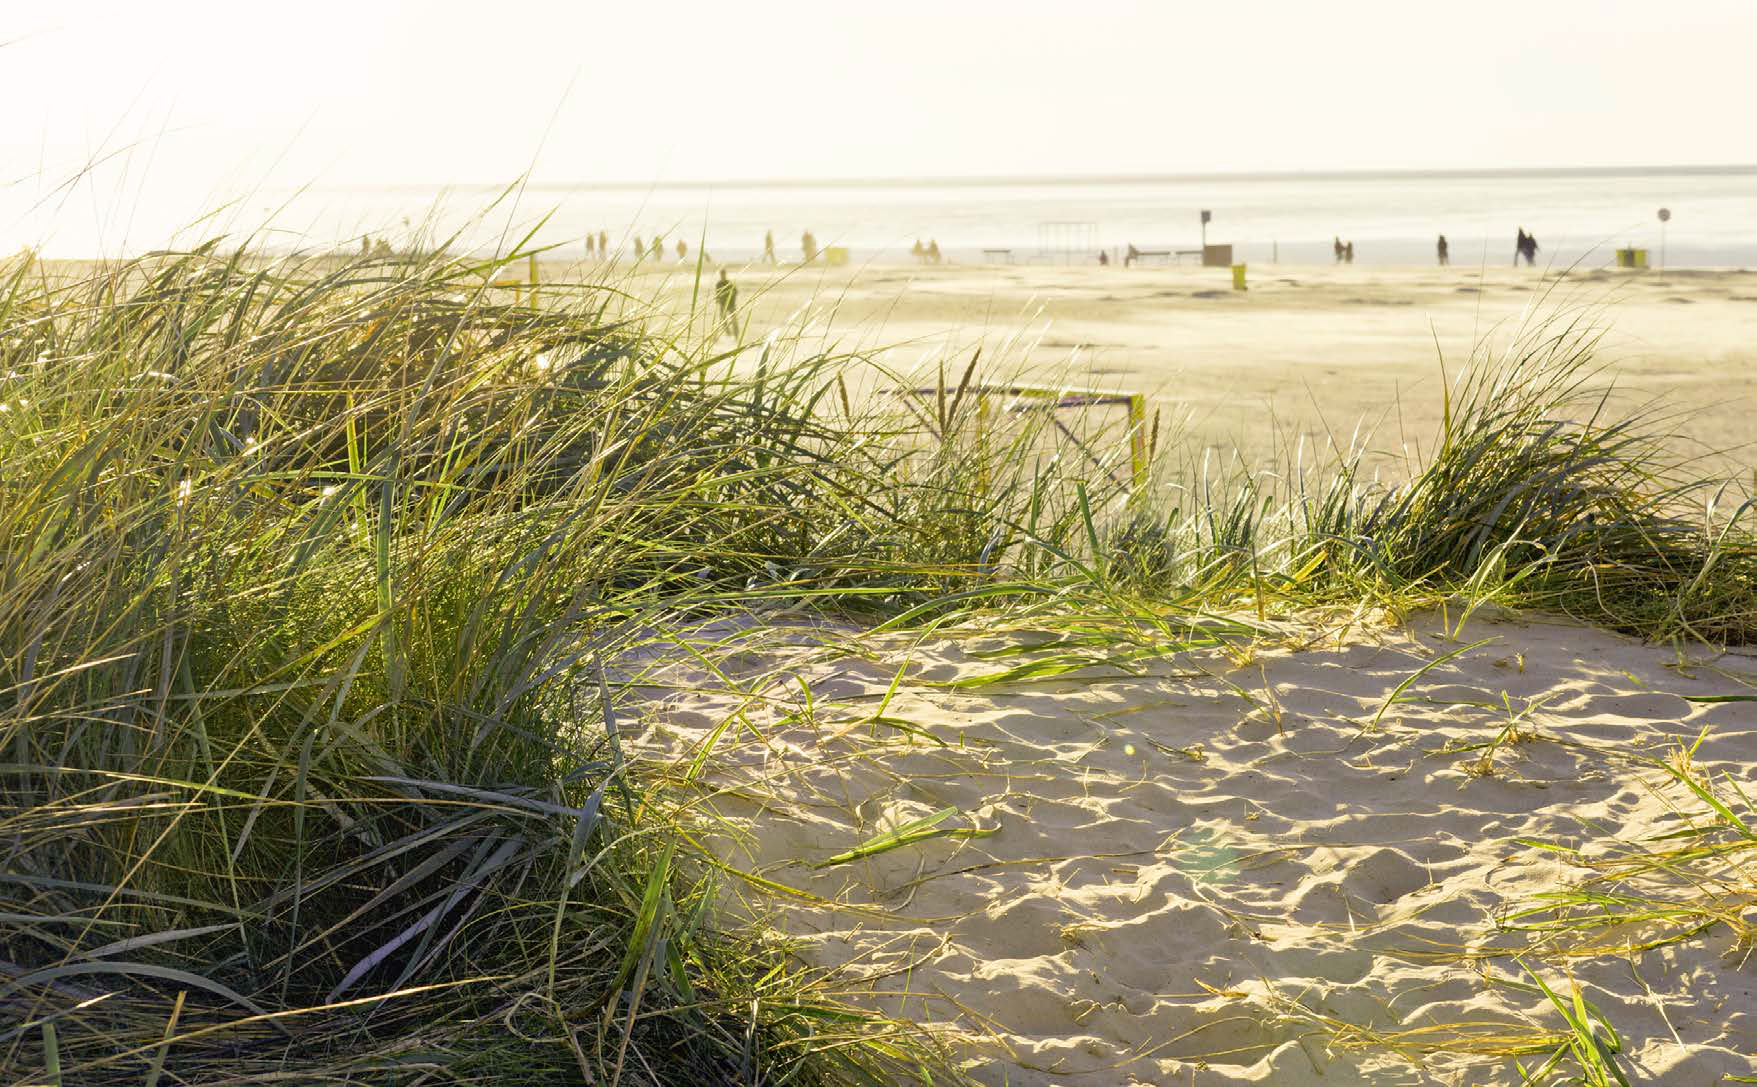 Dünensand mit grünem Dünengras im Hintergrund der Norddeicher Strand mit Blick auf das Wattenmeer